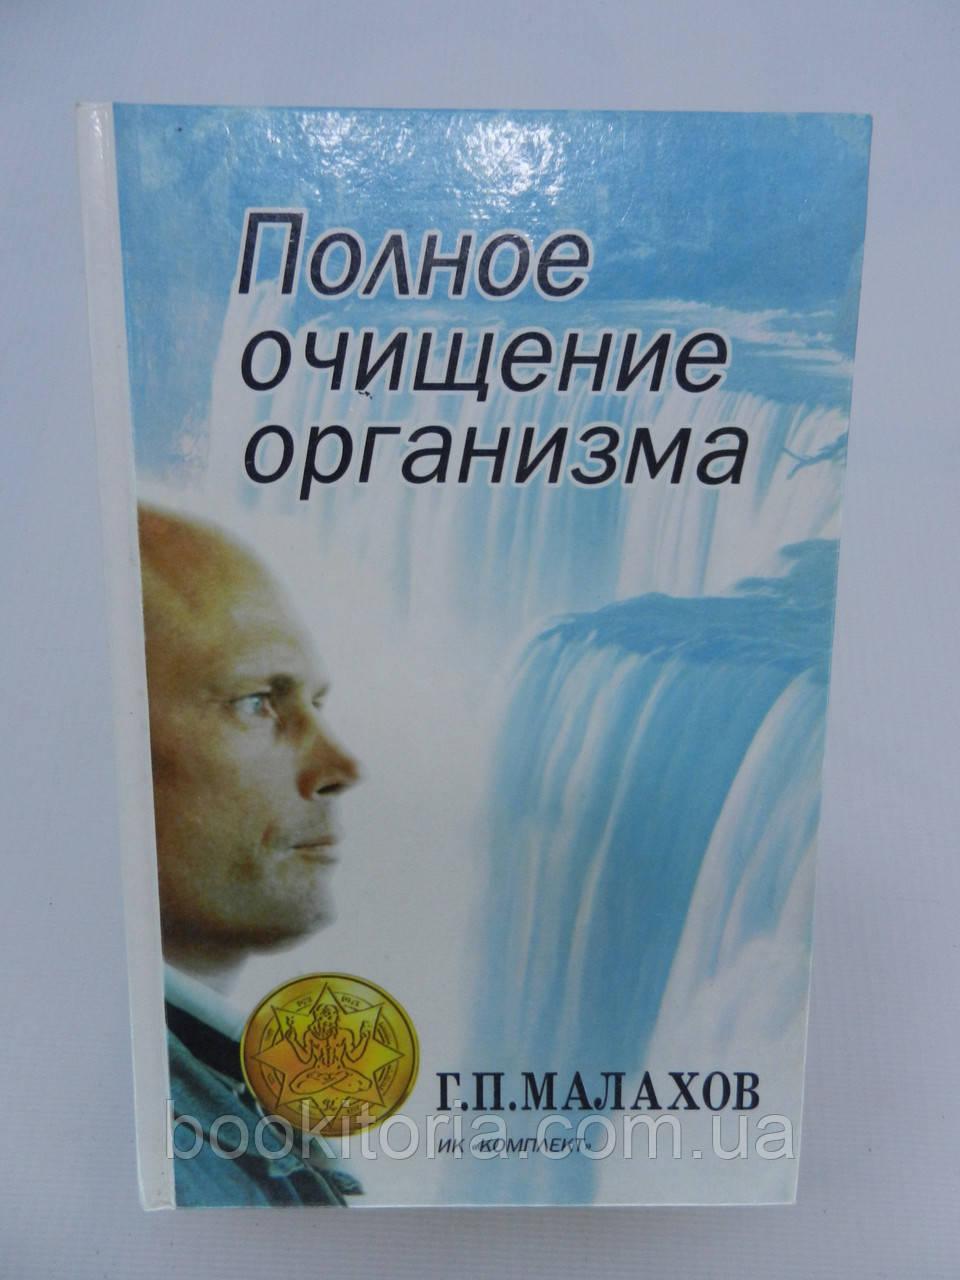 Малахов Г.П. Полное очищение организма. Авторский учебник (б/у).